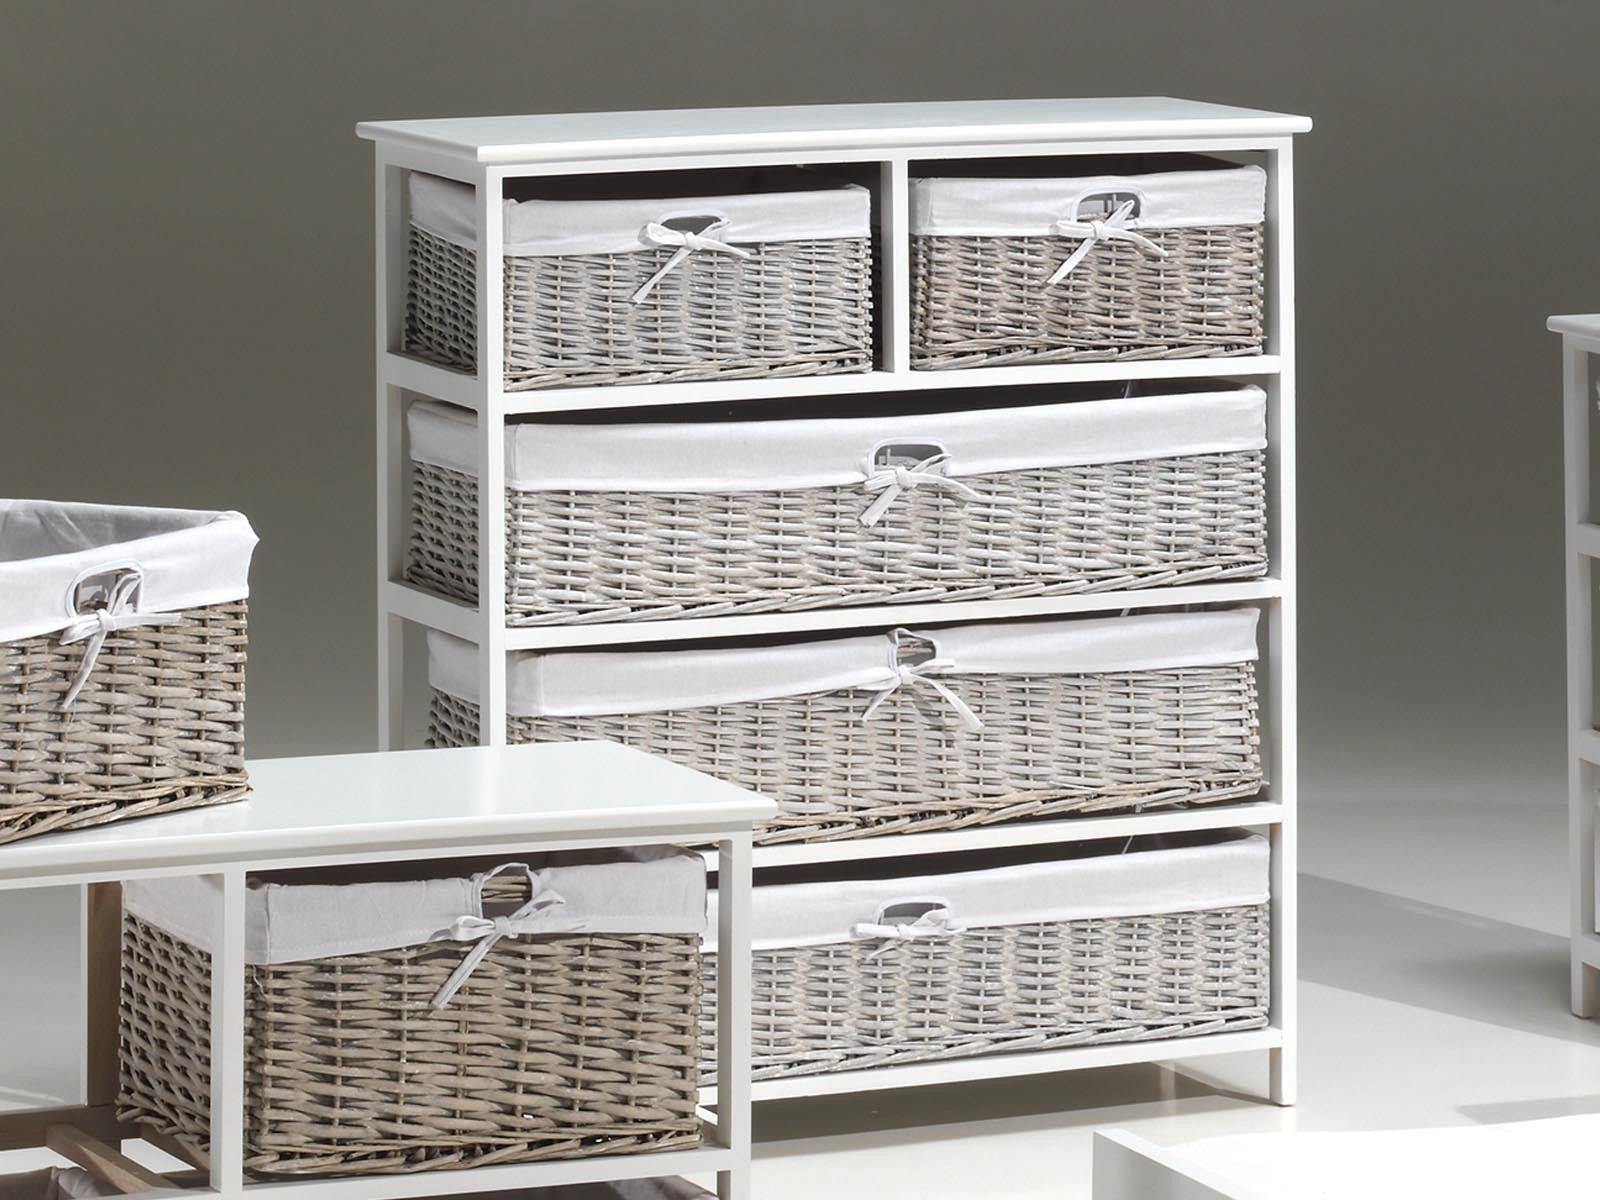 meuble blanc meuble d 39 appoint avec 5 paniers elda blanc trocity. Black Bedroom Furniture Sets. Home Design Ideas